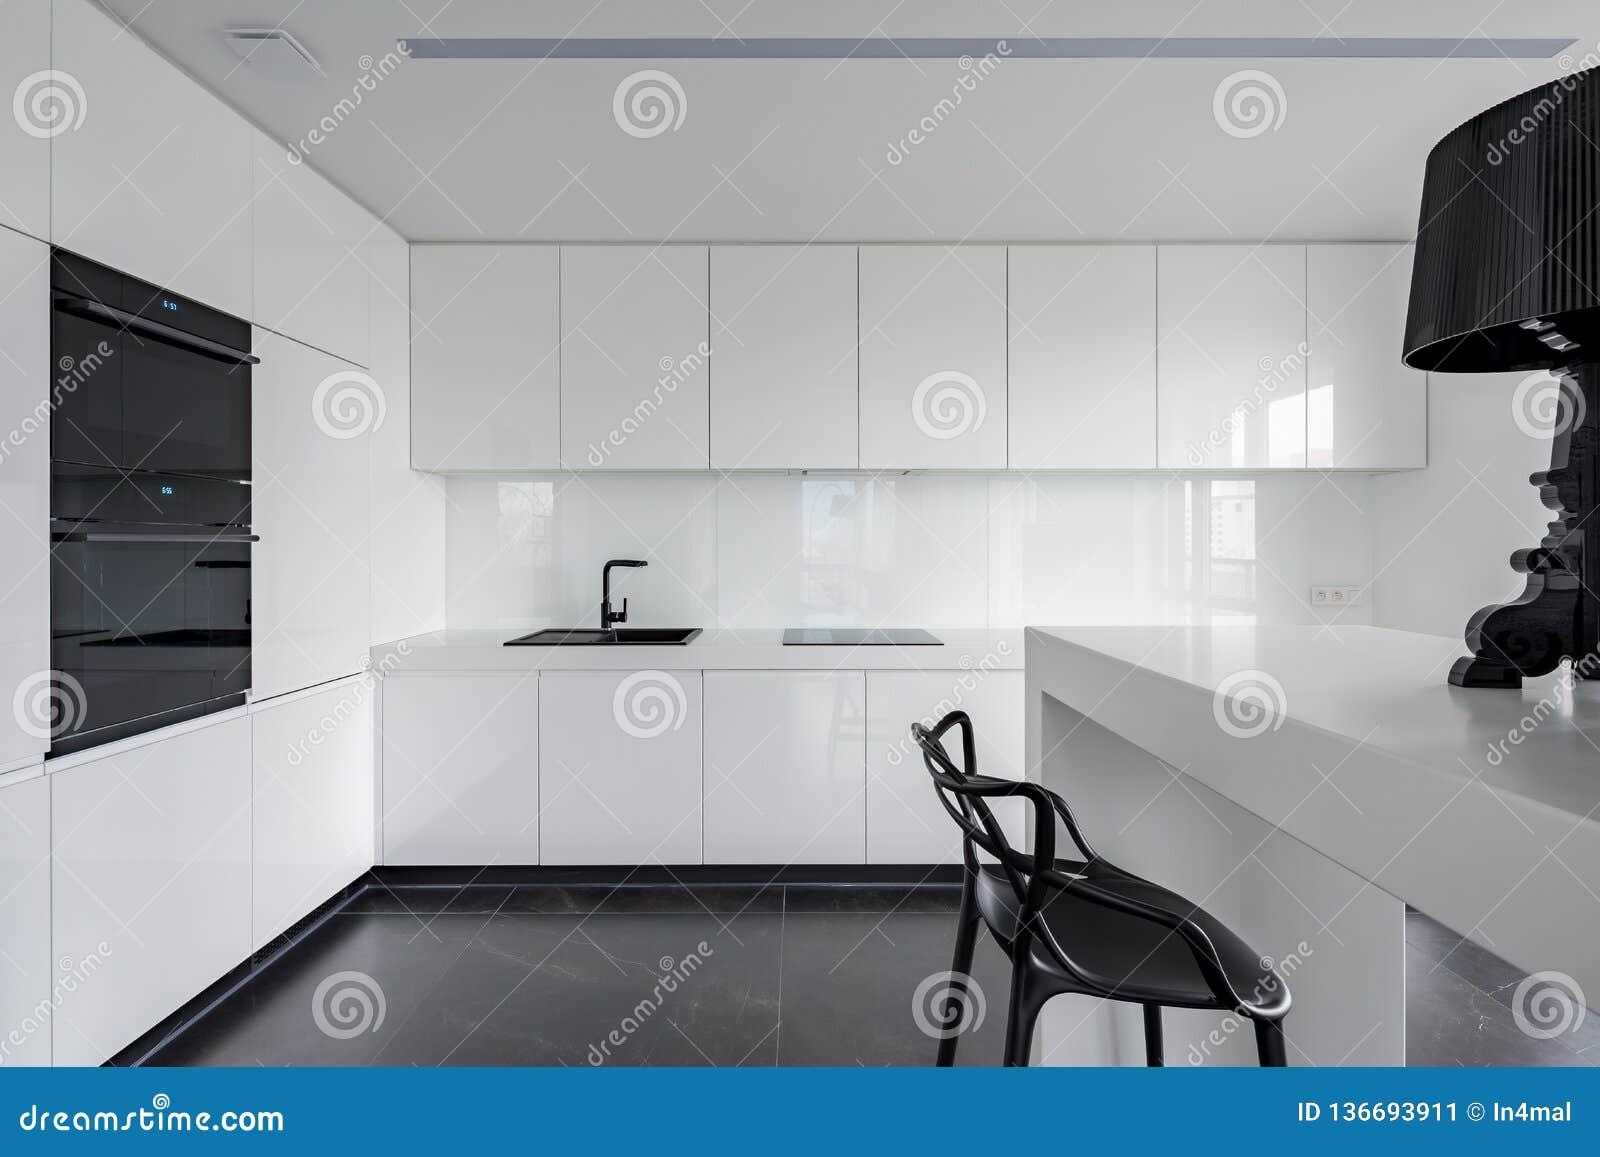 Verfijnde Zwart Witte Keuken Stock Afbeelding Afbeelding Bestaande Uit Zwart Perfect 136693911